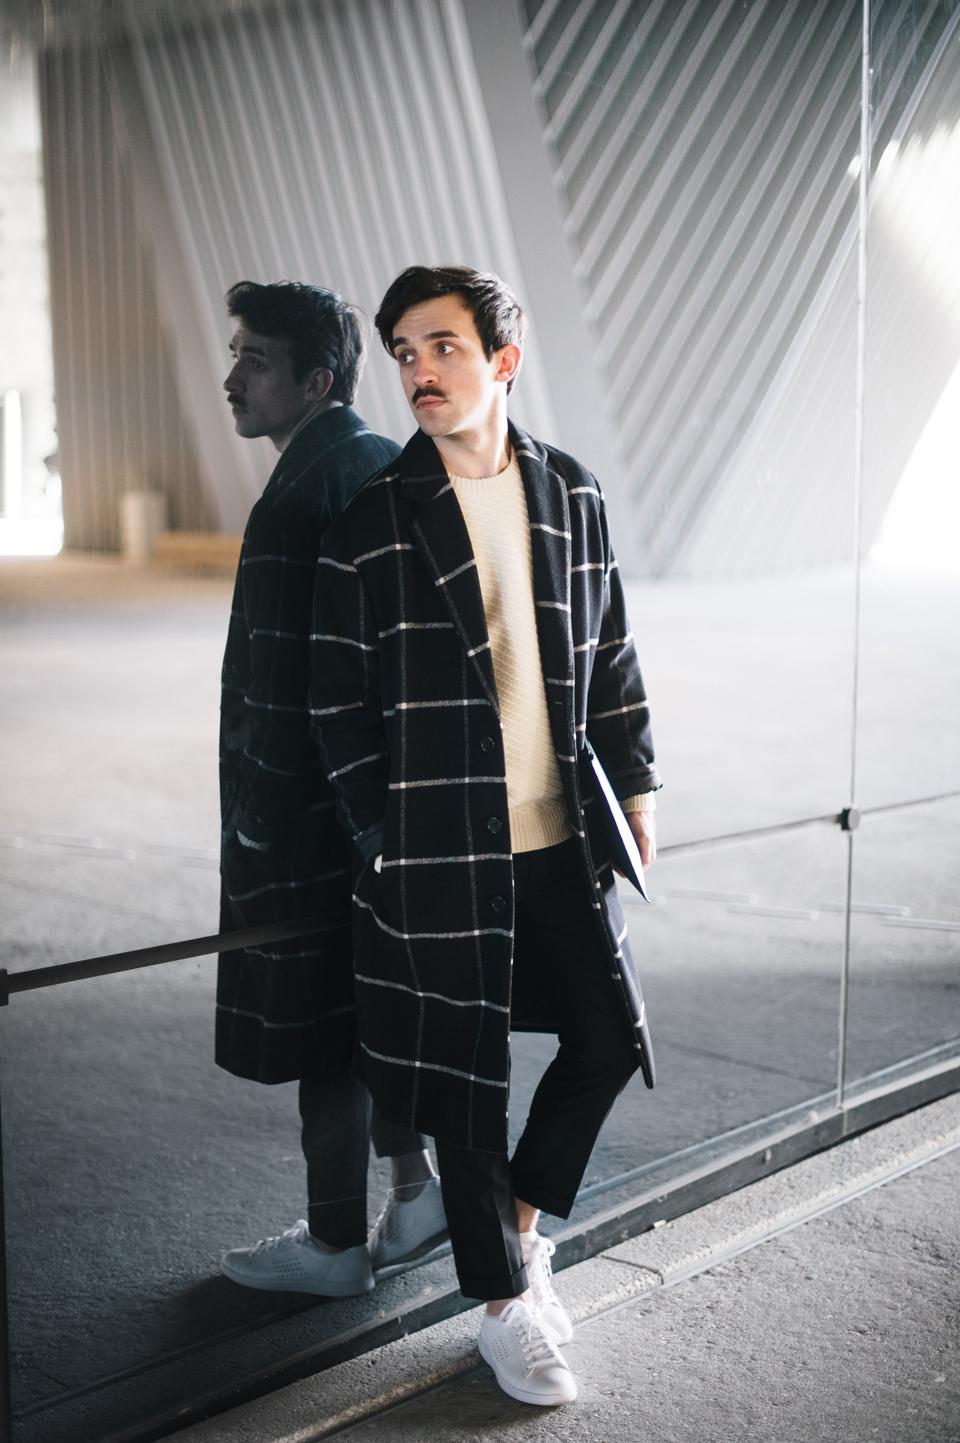 manteau laine homme on pinterest manteau hiver homme manteaux homme and manteau homme. Black Bedroom Furniture Sets. Home Design Ideas